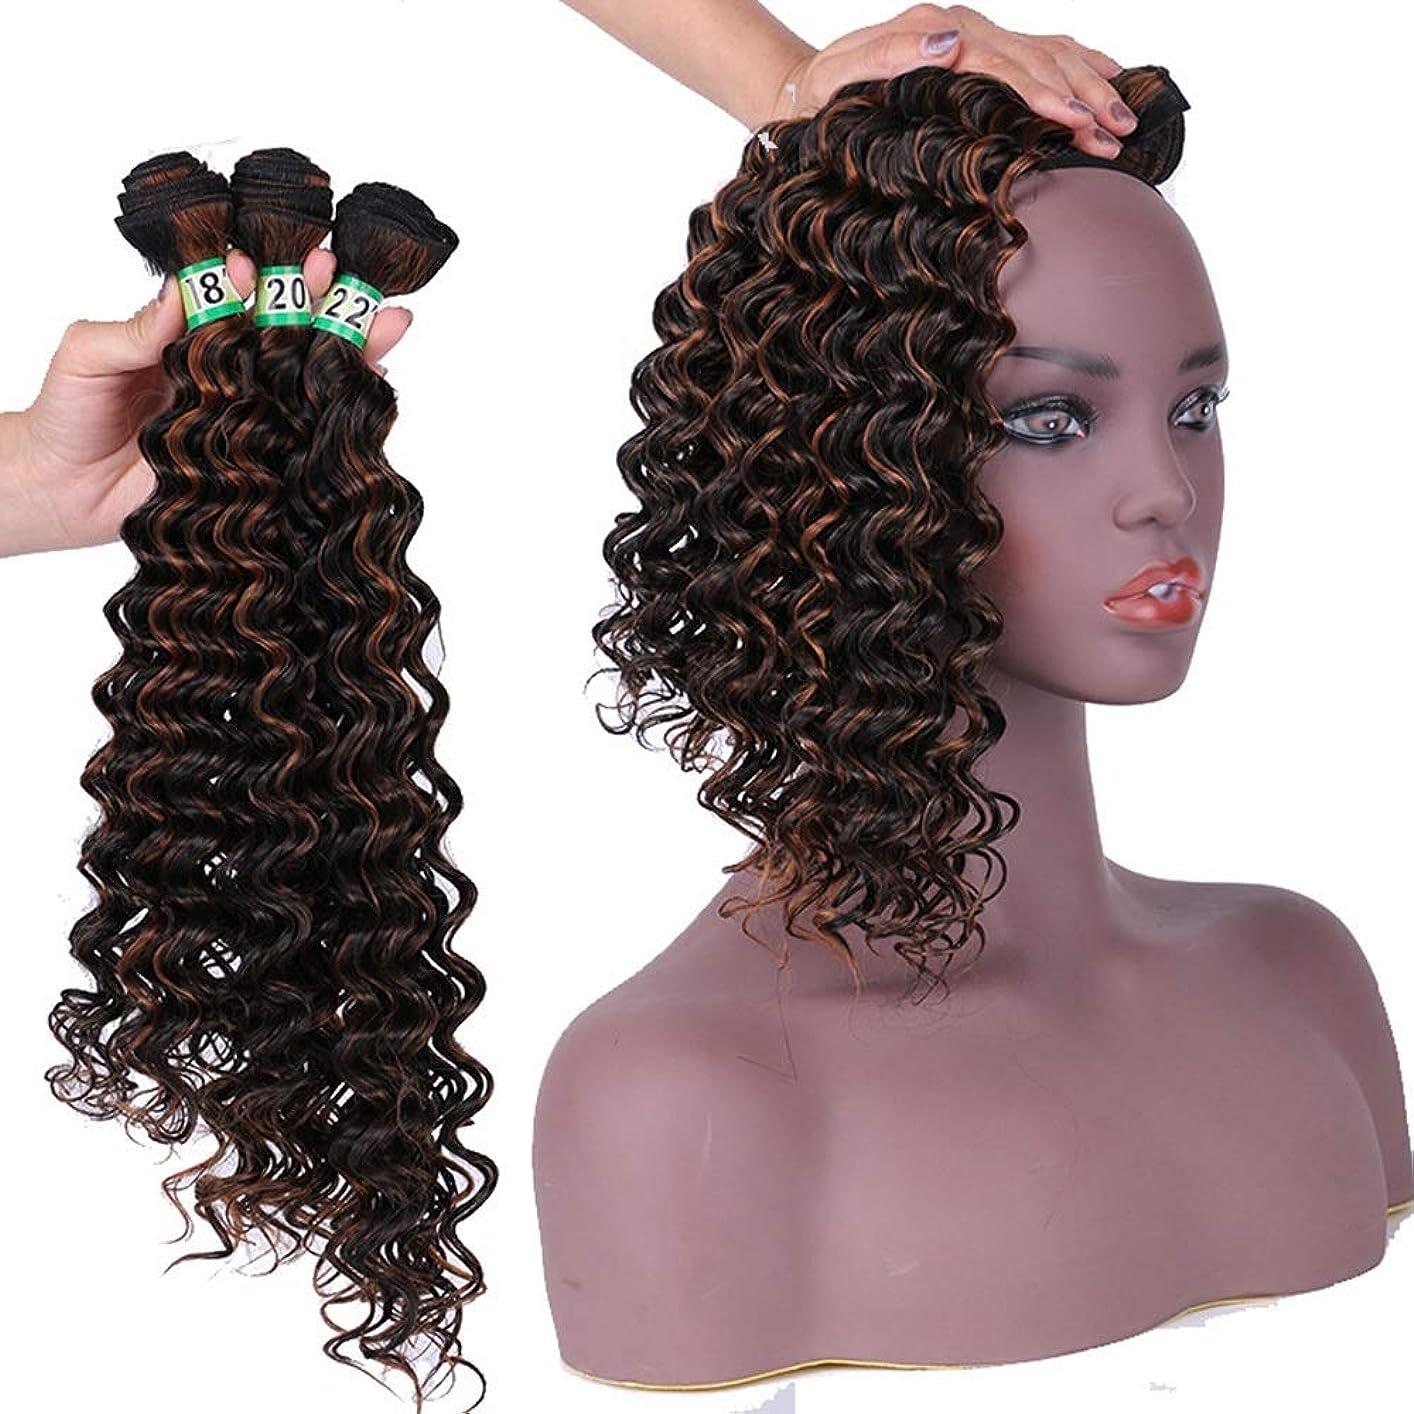 変形する鎮痛剤ストレスYrattary 合成髪織り3バンドル - P1 / 30ブラウンディープカーリーヘアエクステンション70g /個(18 '' 20 '' 22 '')コンポジットヘアレースウィッグロールプレイングウィッグロング&ショートウィメンズネイチャー (色 : ブラウン, サイズ : 20